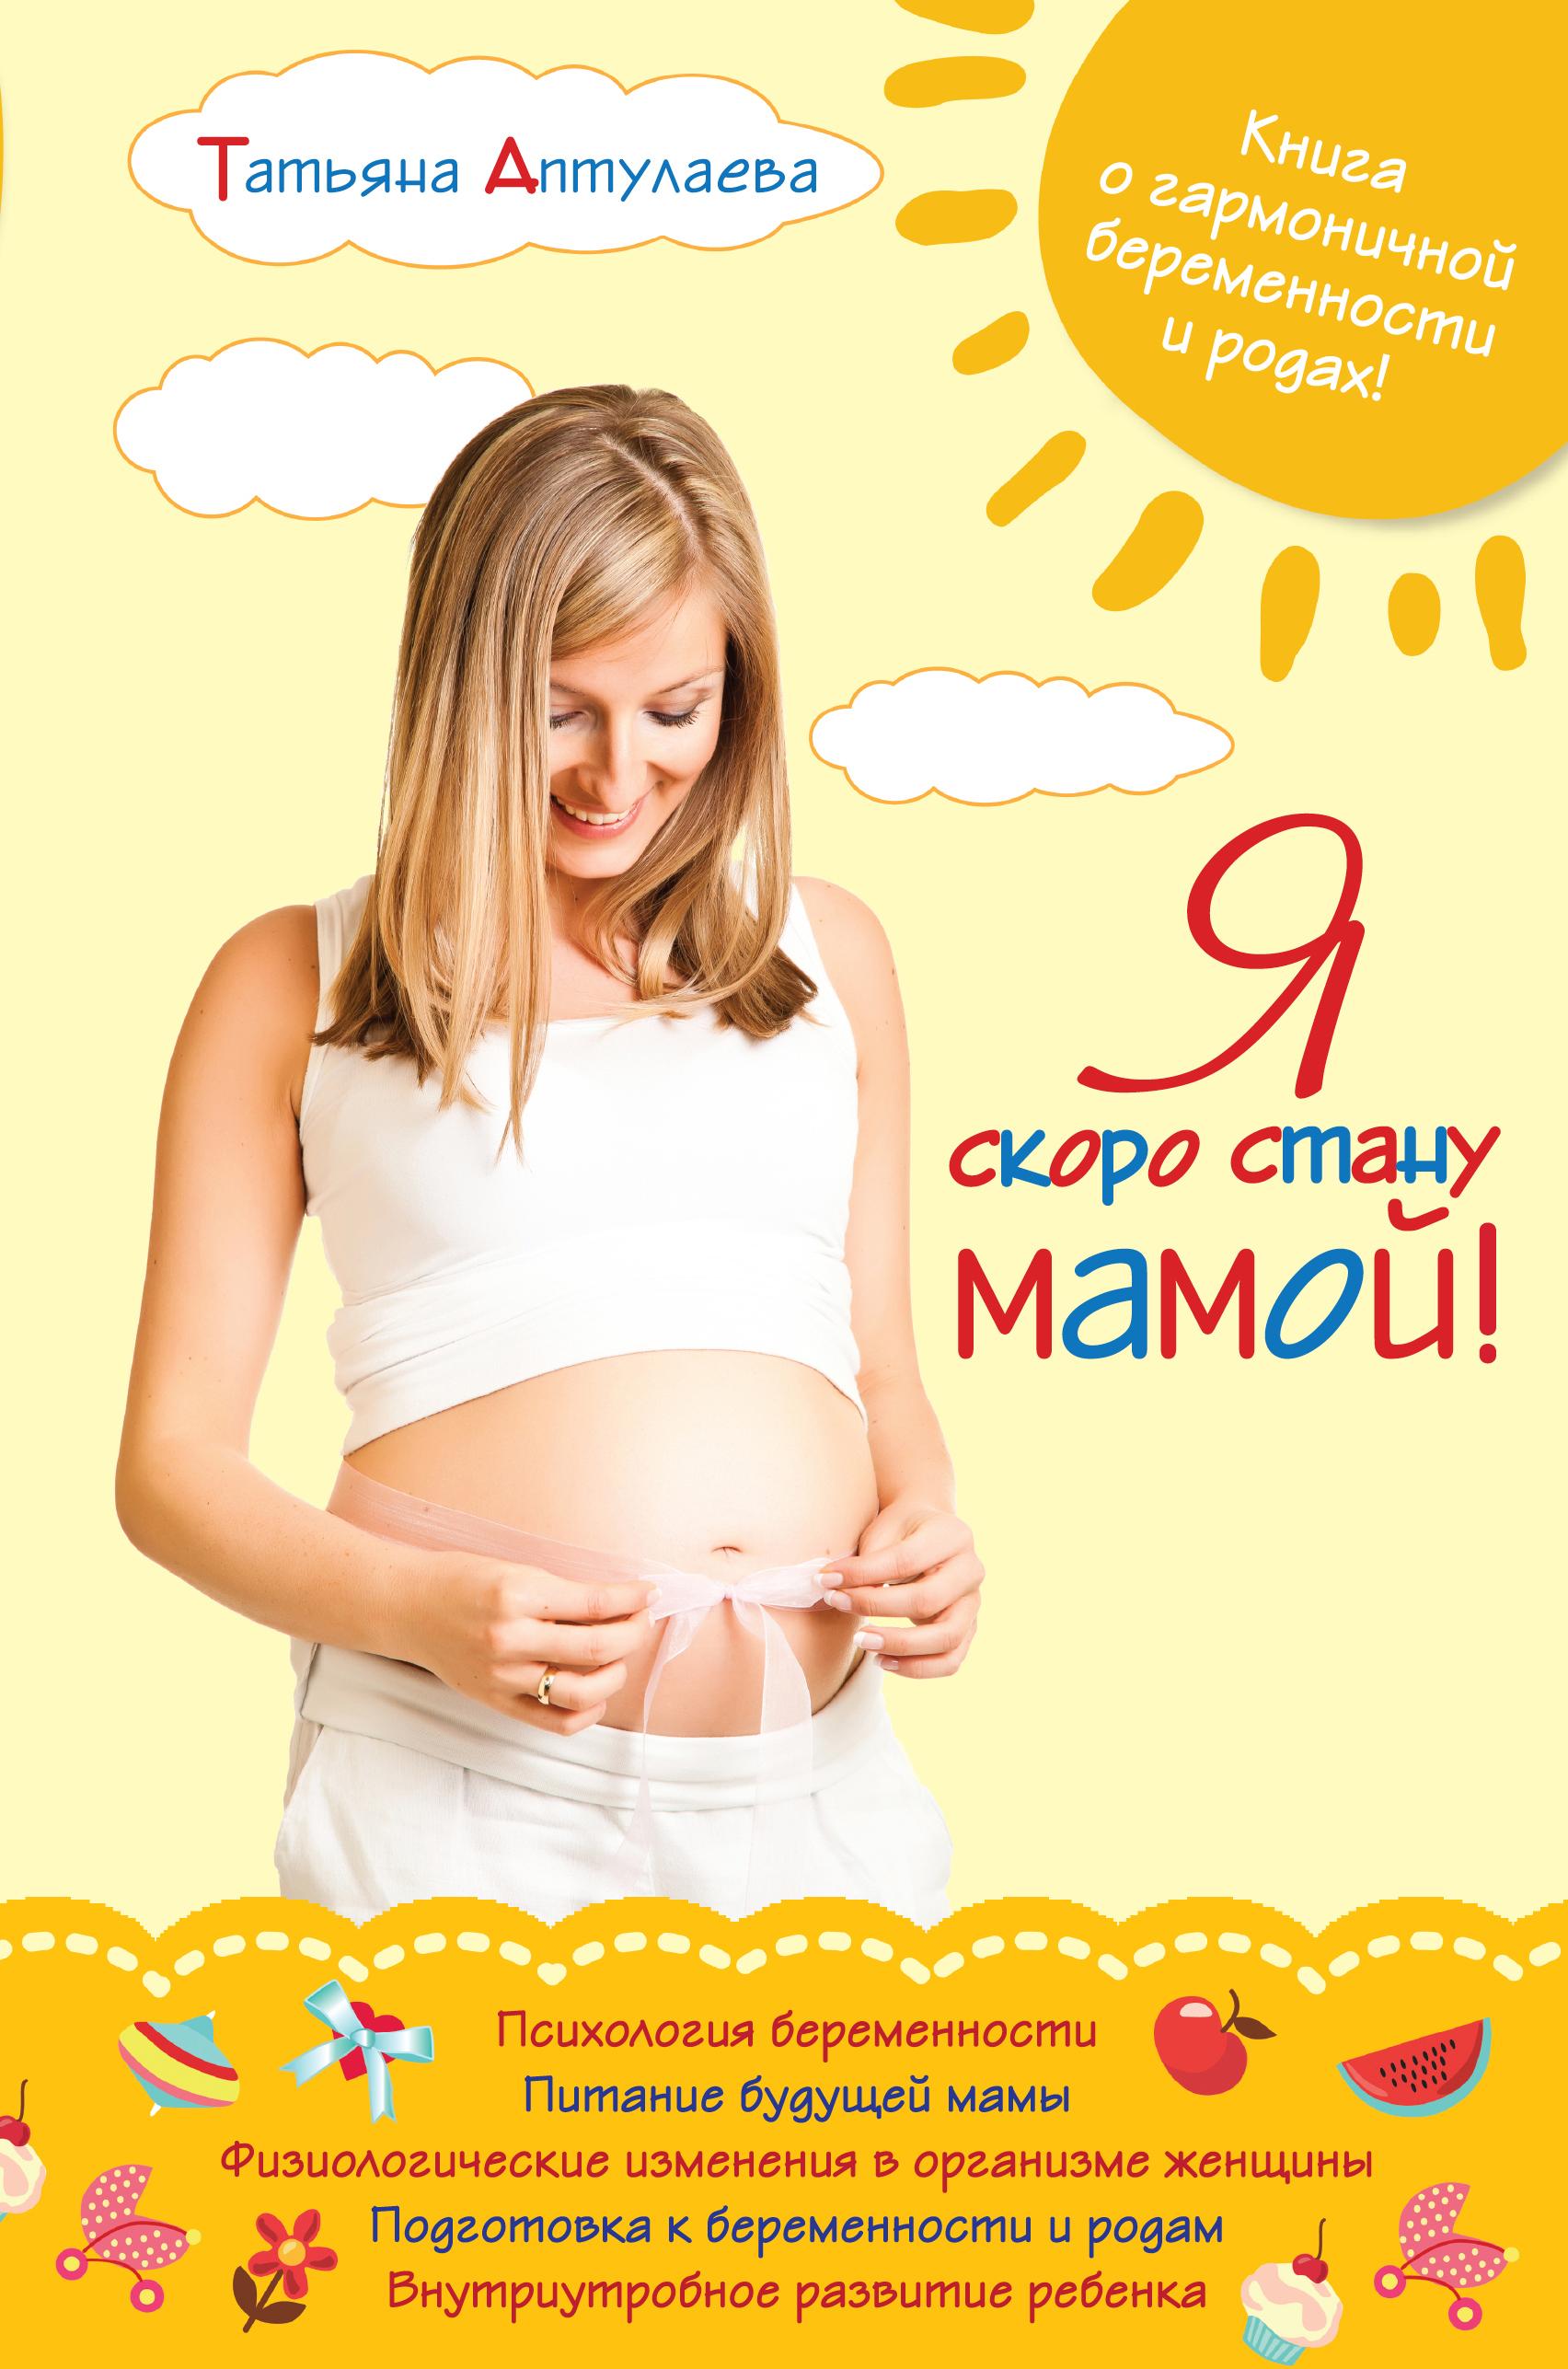 Смешное поздравление для беременной